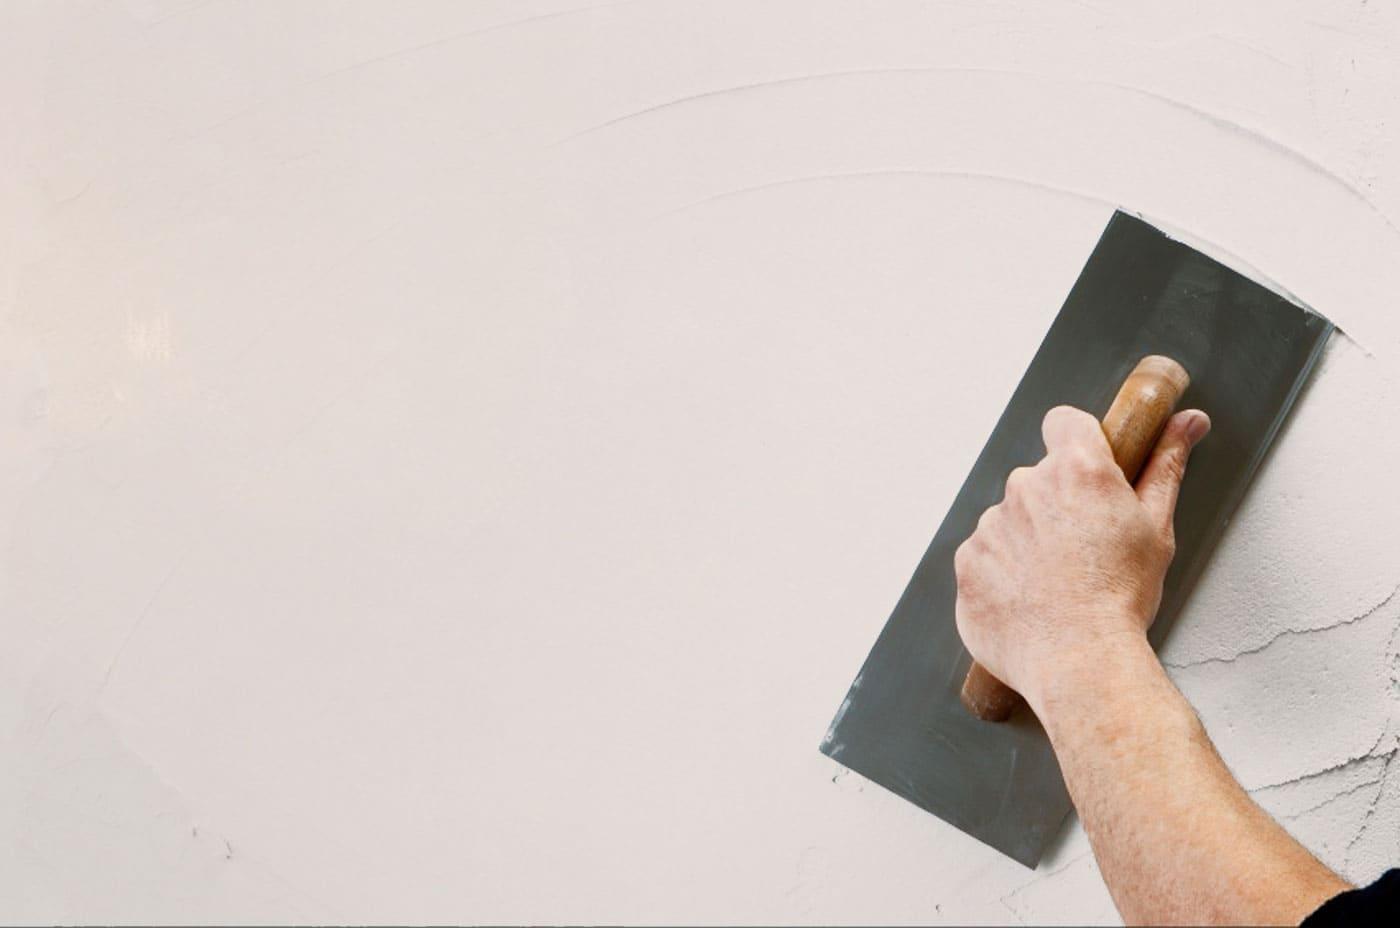 Декоративная штукатурка - лучшие красивые варианты отделки стен в интерьере 150